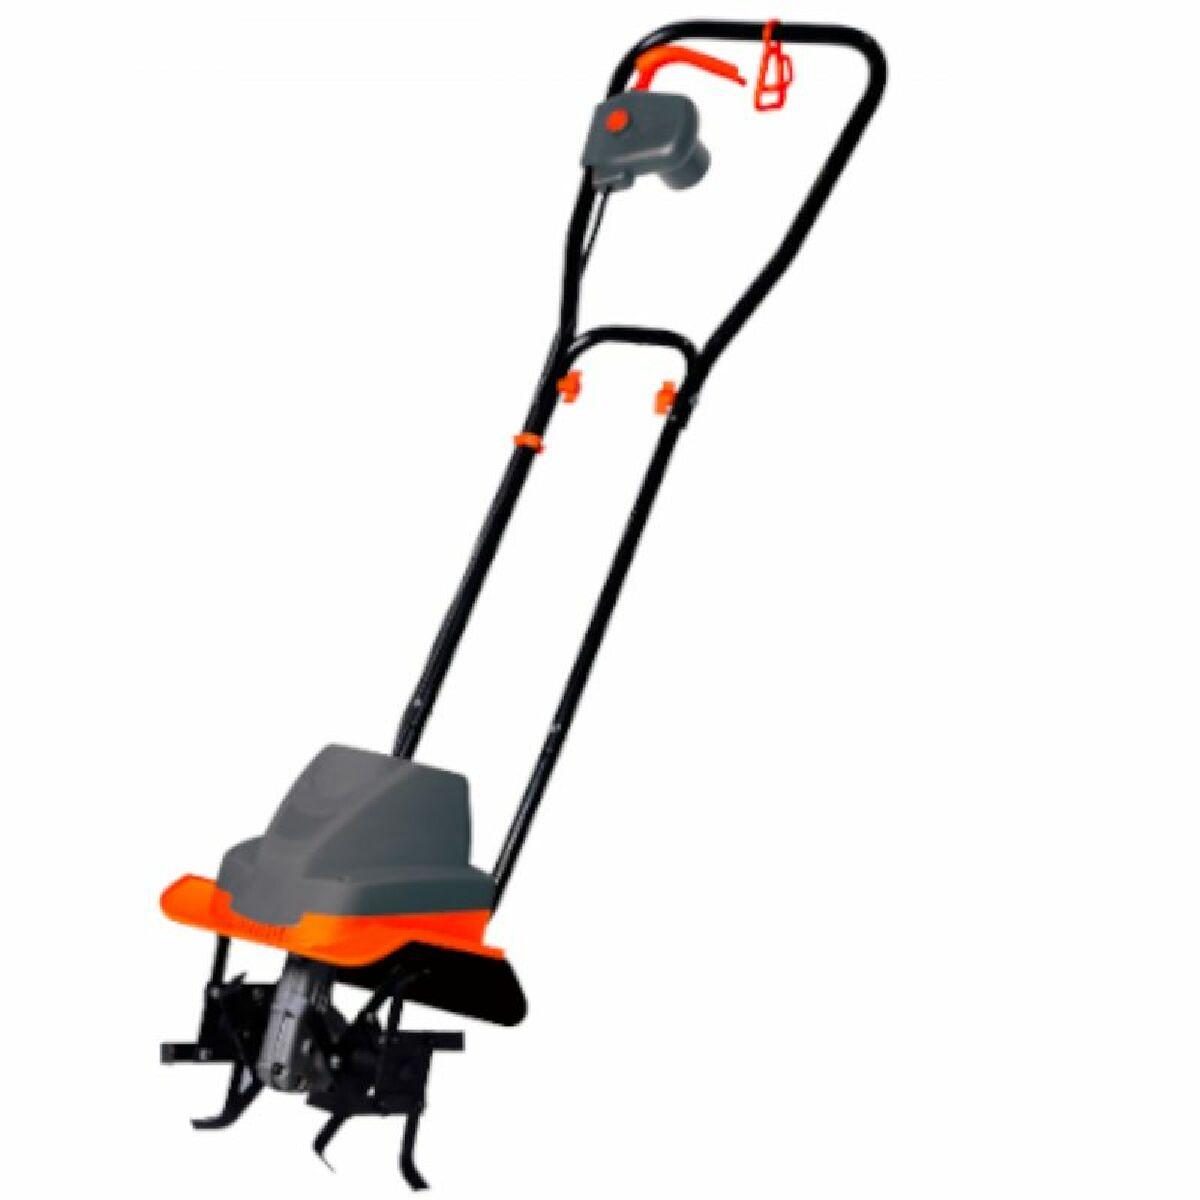 Hucoco DCRAFT | Motobineuse électrique | Régime moteur 400 tr/min | Puissance : 1500 W | Largeur de travail 300 mm | Outillage